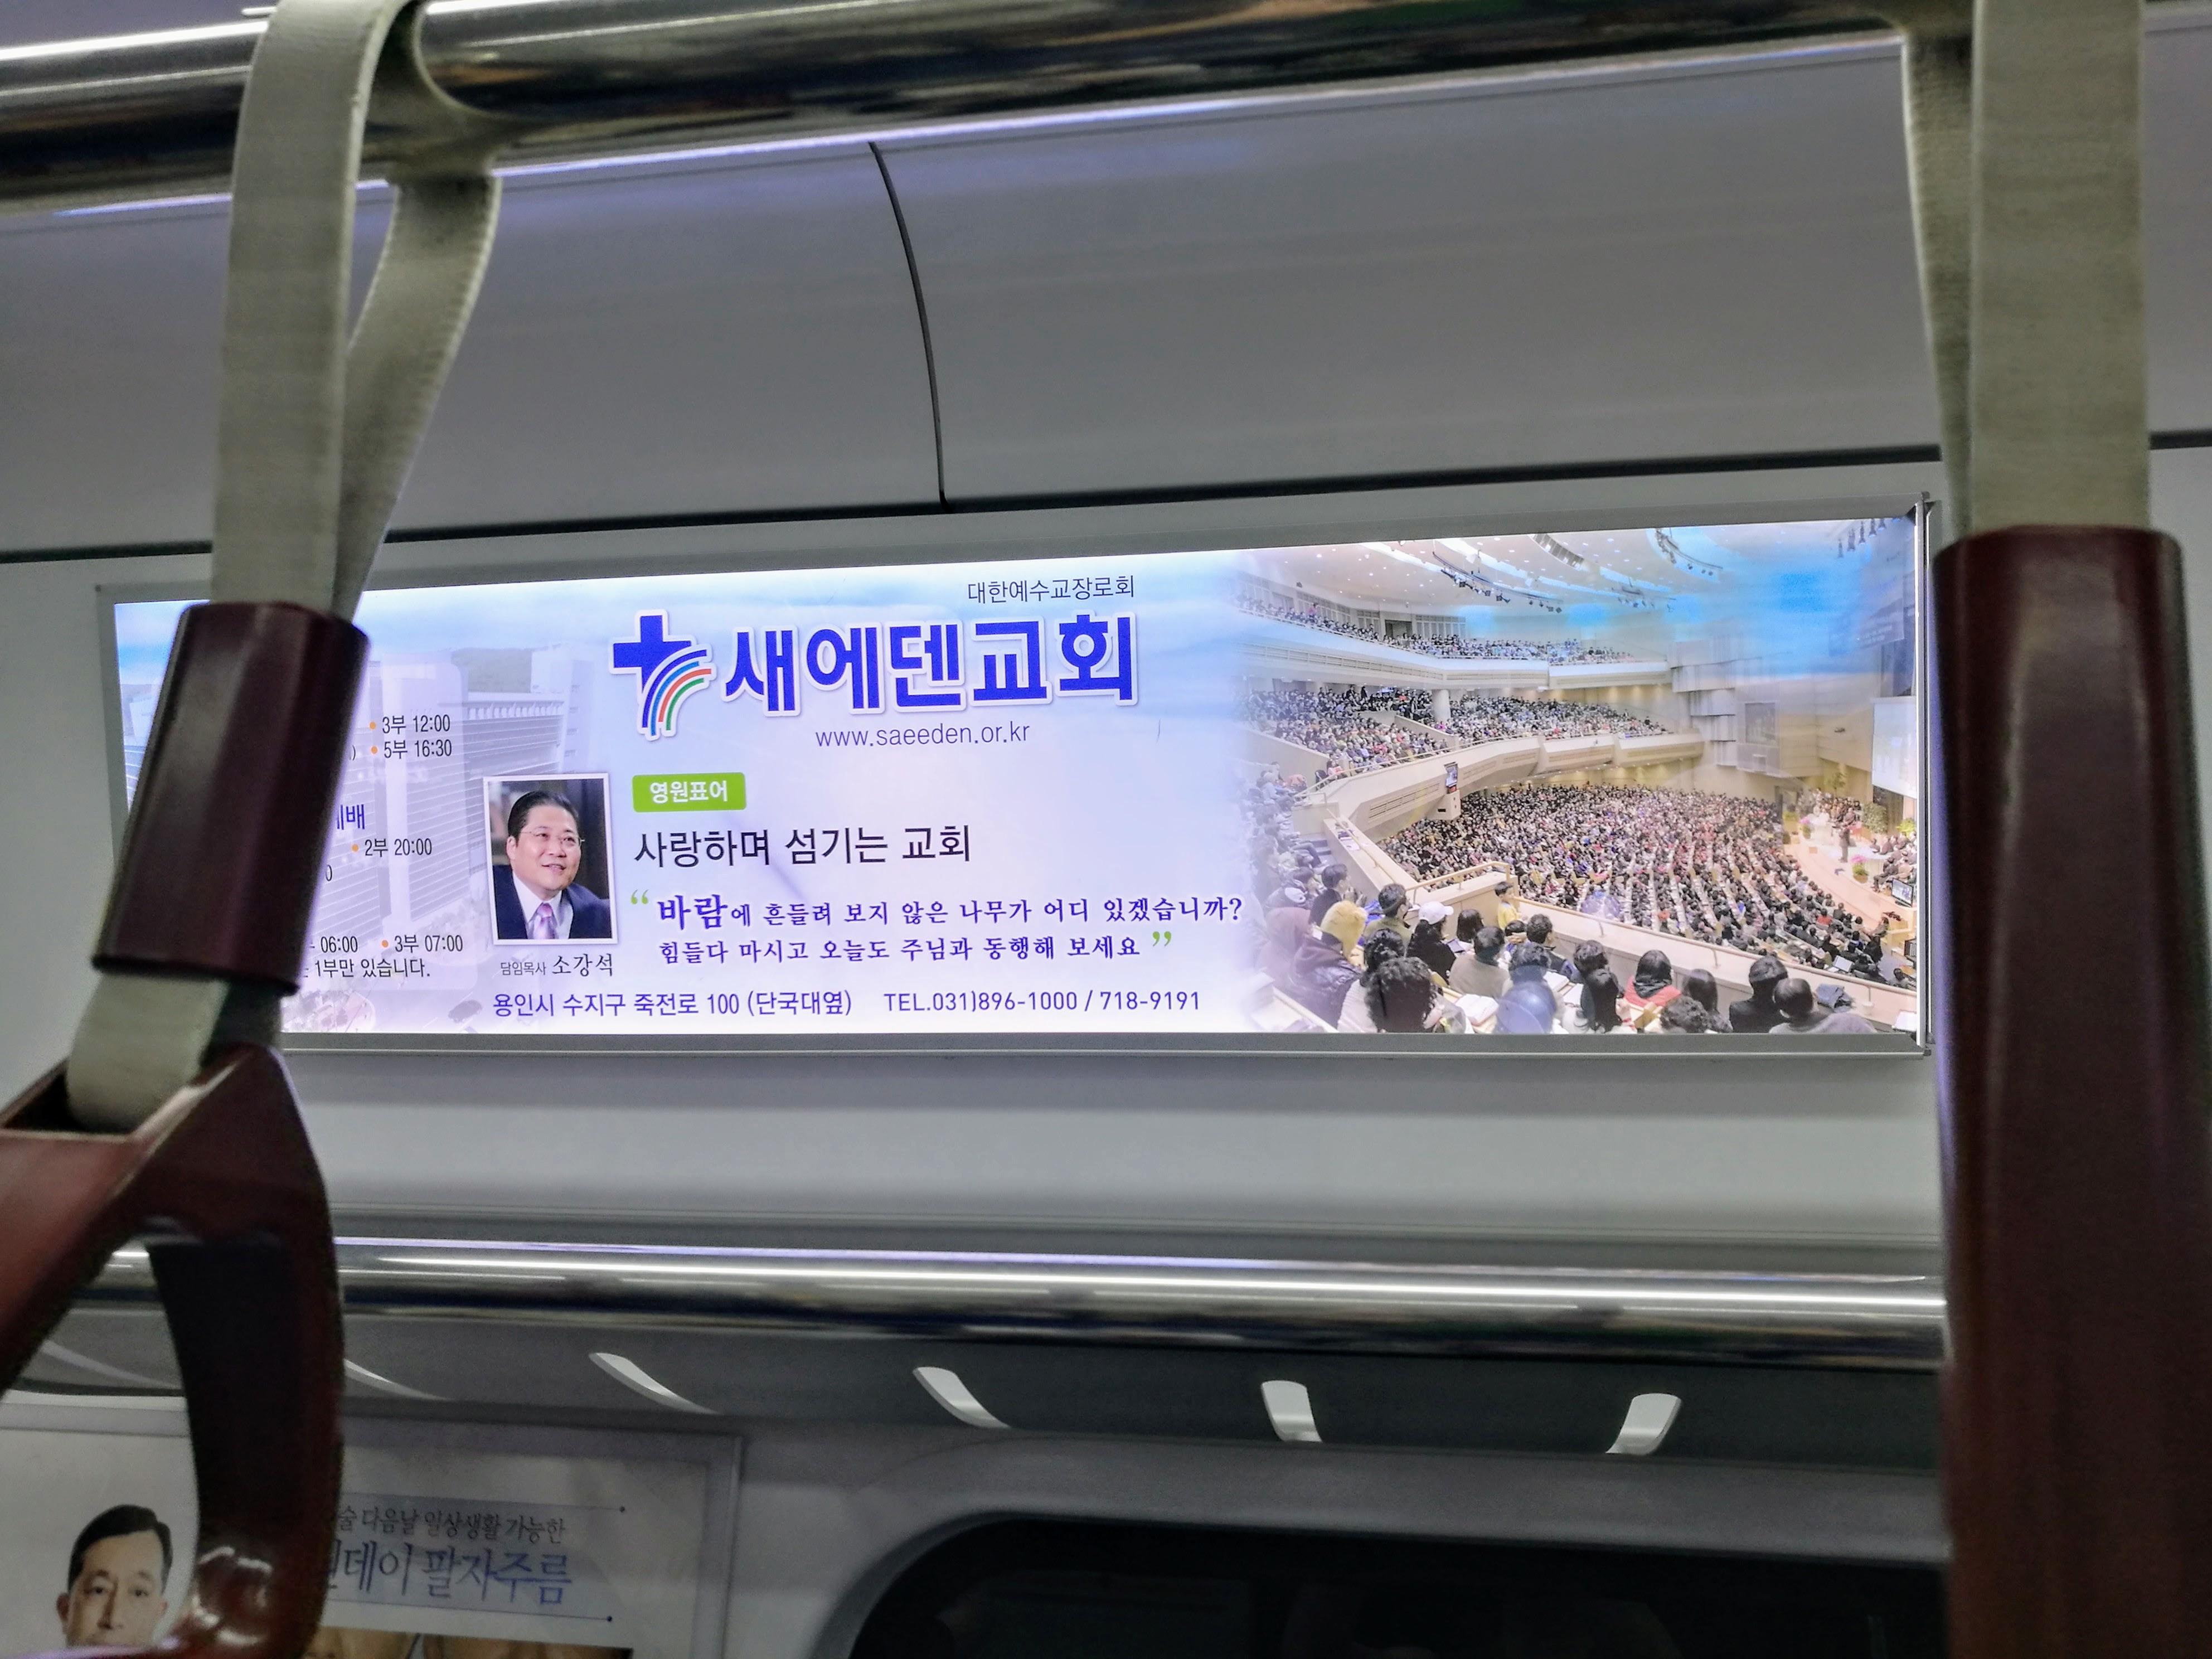 A meglepő: egyházreklám a metróban. Koreában rengeteg a keresztény (több mint a buddhista), minden sarkon van egy templom, és ezek a templomok szívfájdalom nélkül reklámozzák a szolgáltatásaikat mindenhol.